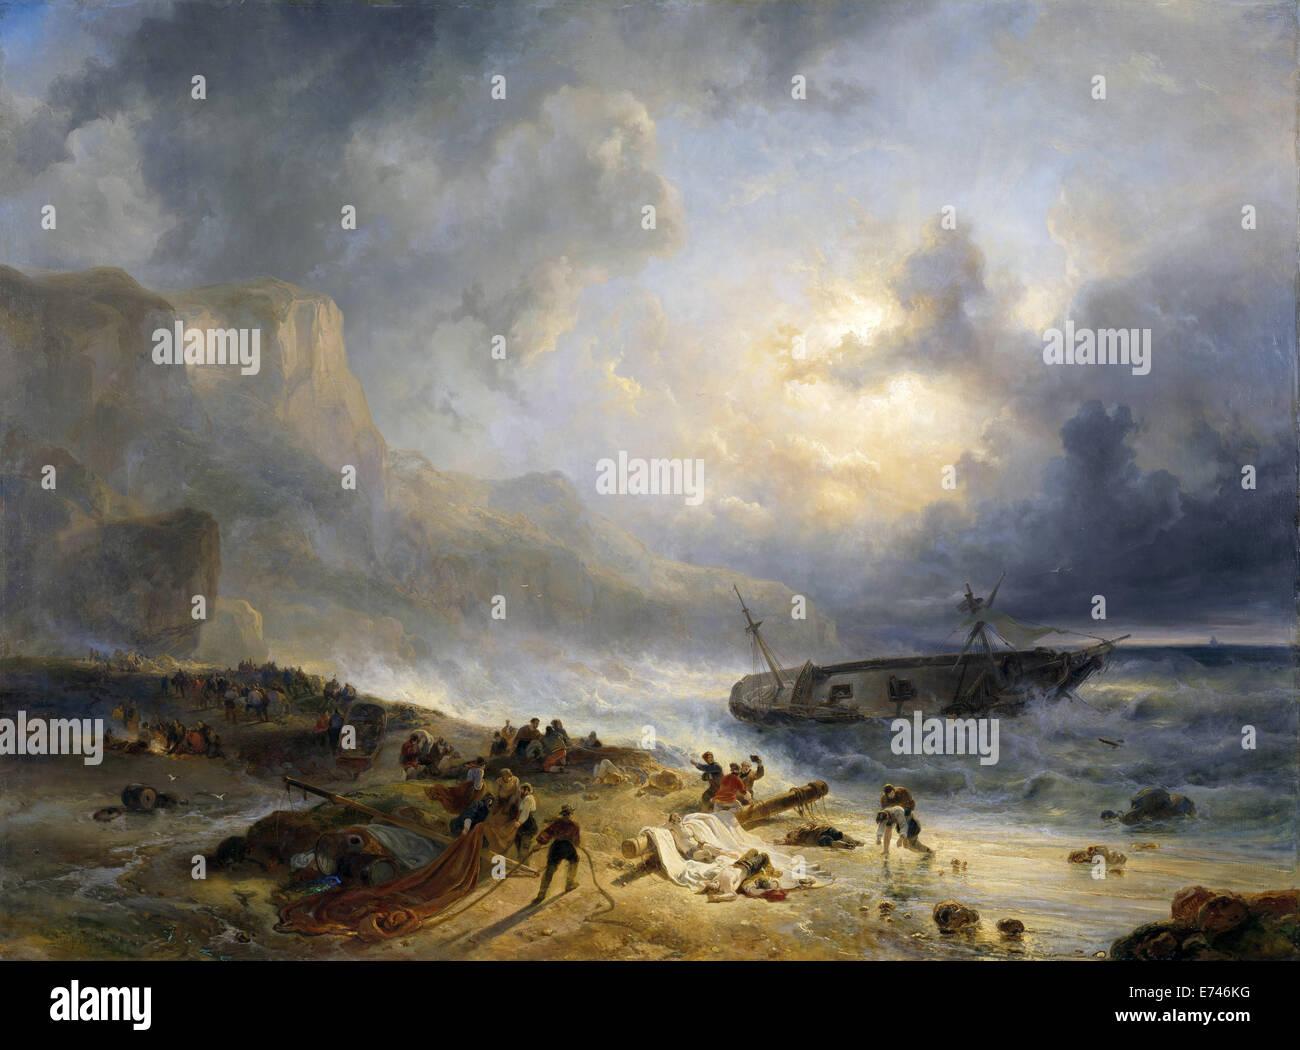 Naufragio fuori da una costa rocciosa - da Wijnand Nuijen, 1837 Immagini Stock